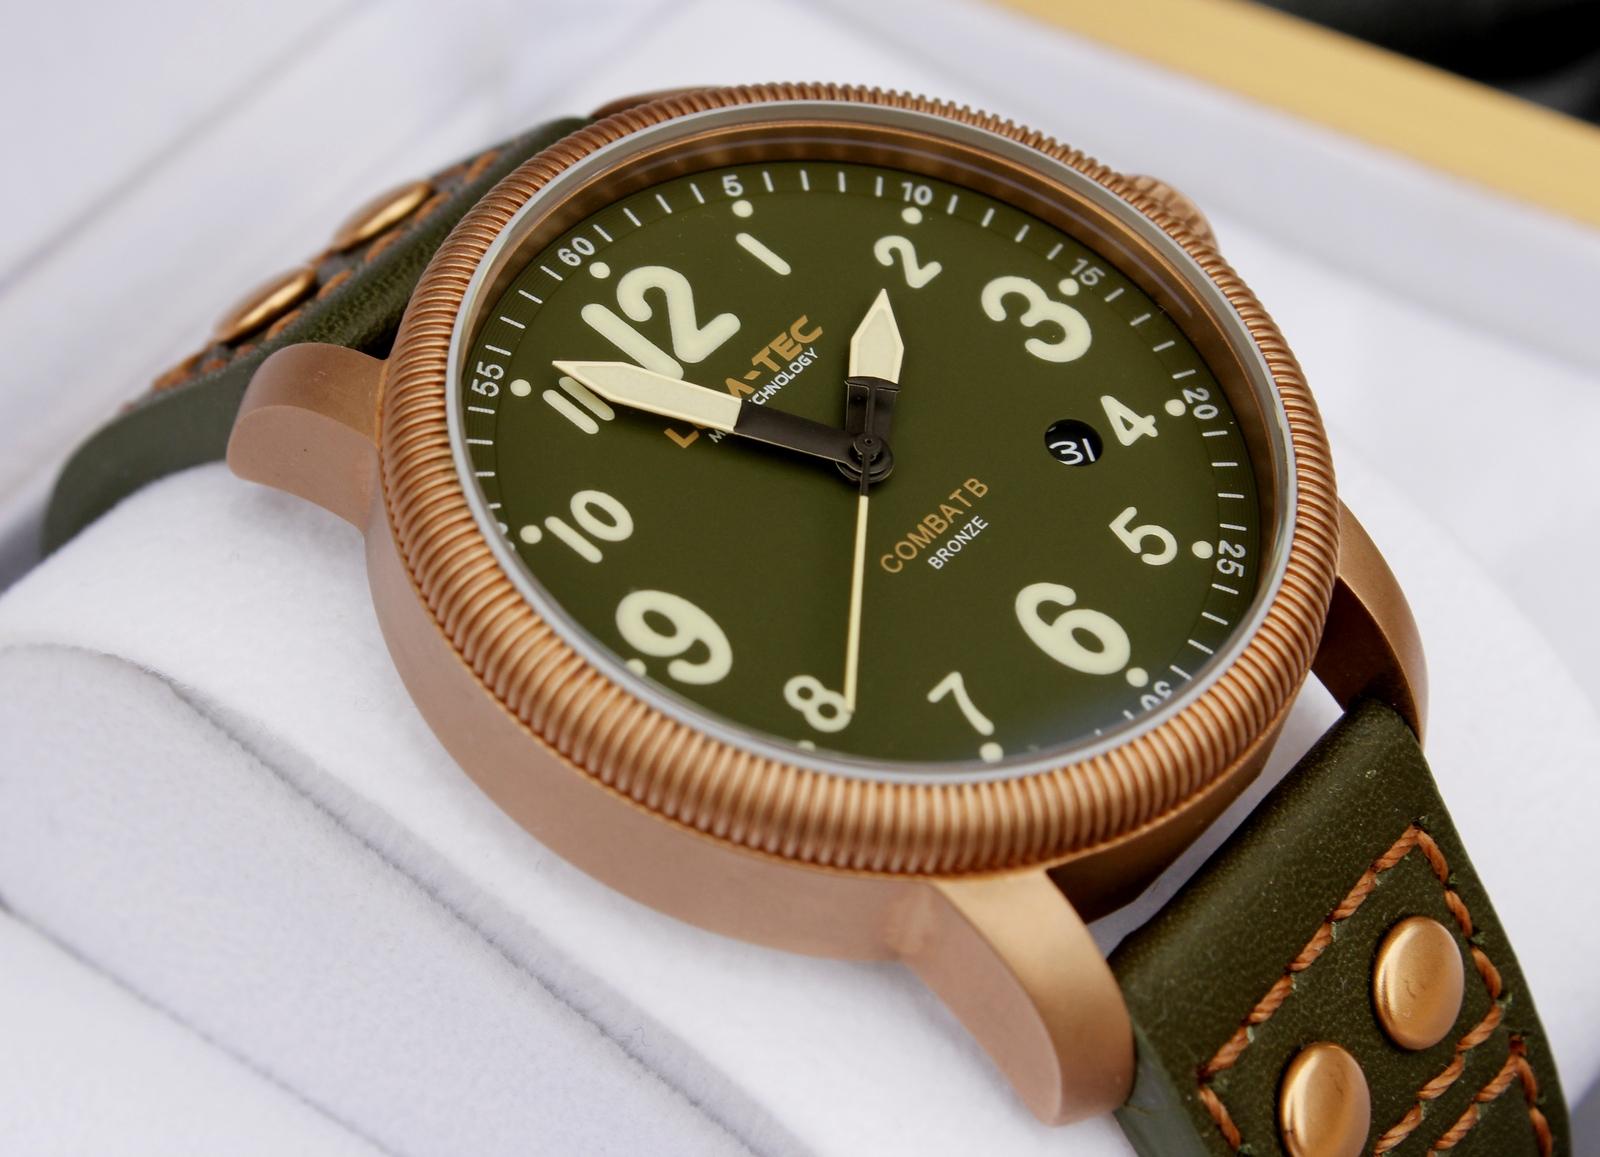 Bronzové hodinky Lum Tec B19 - matný cínový bronz – nové (nenošené) hodinky. 8a8dc6d9b1